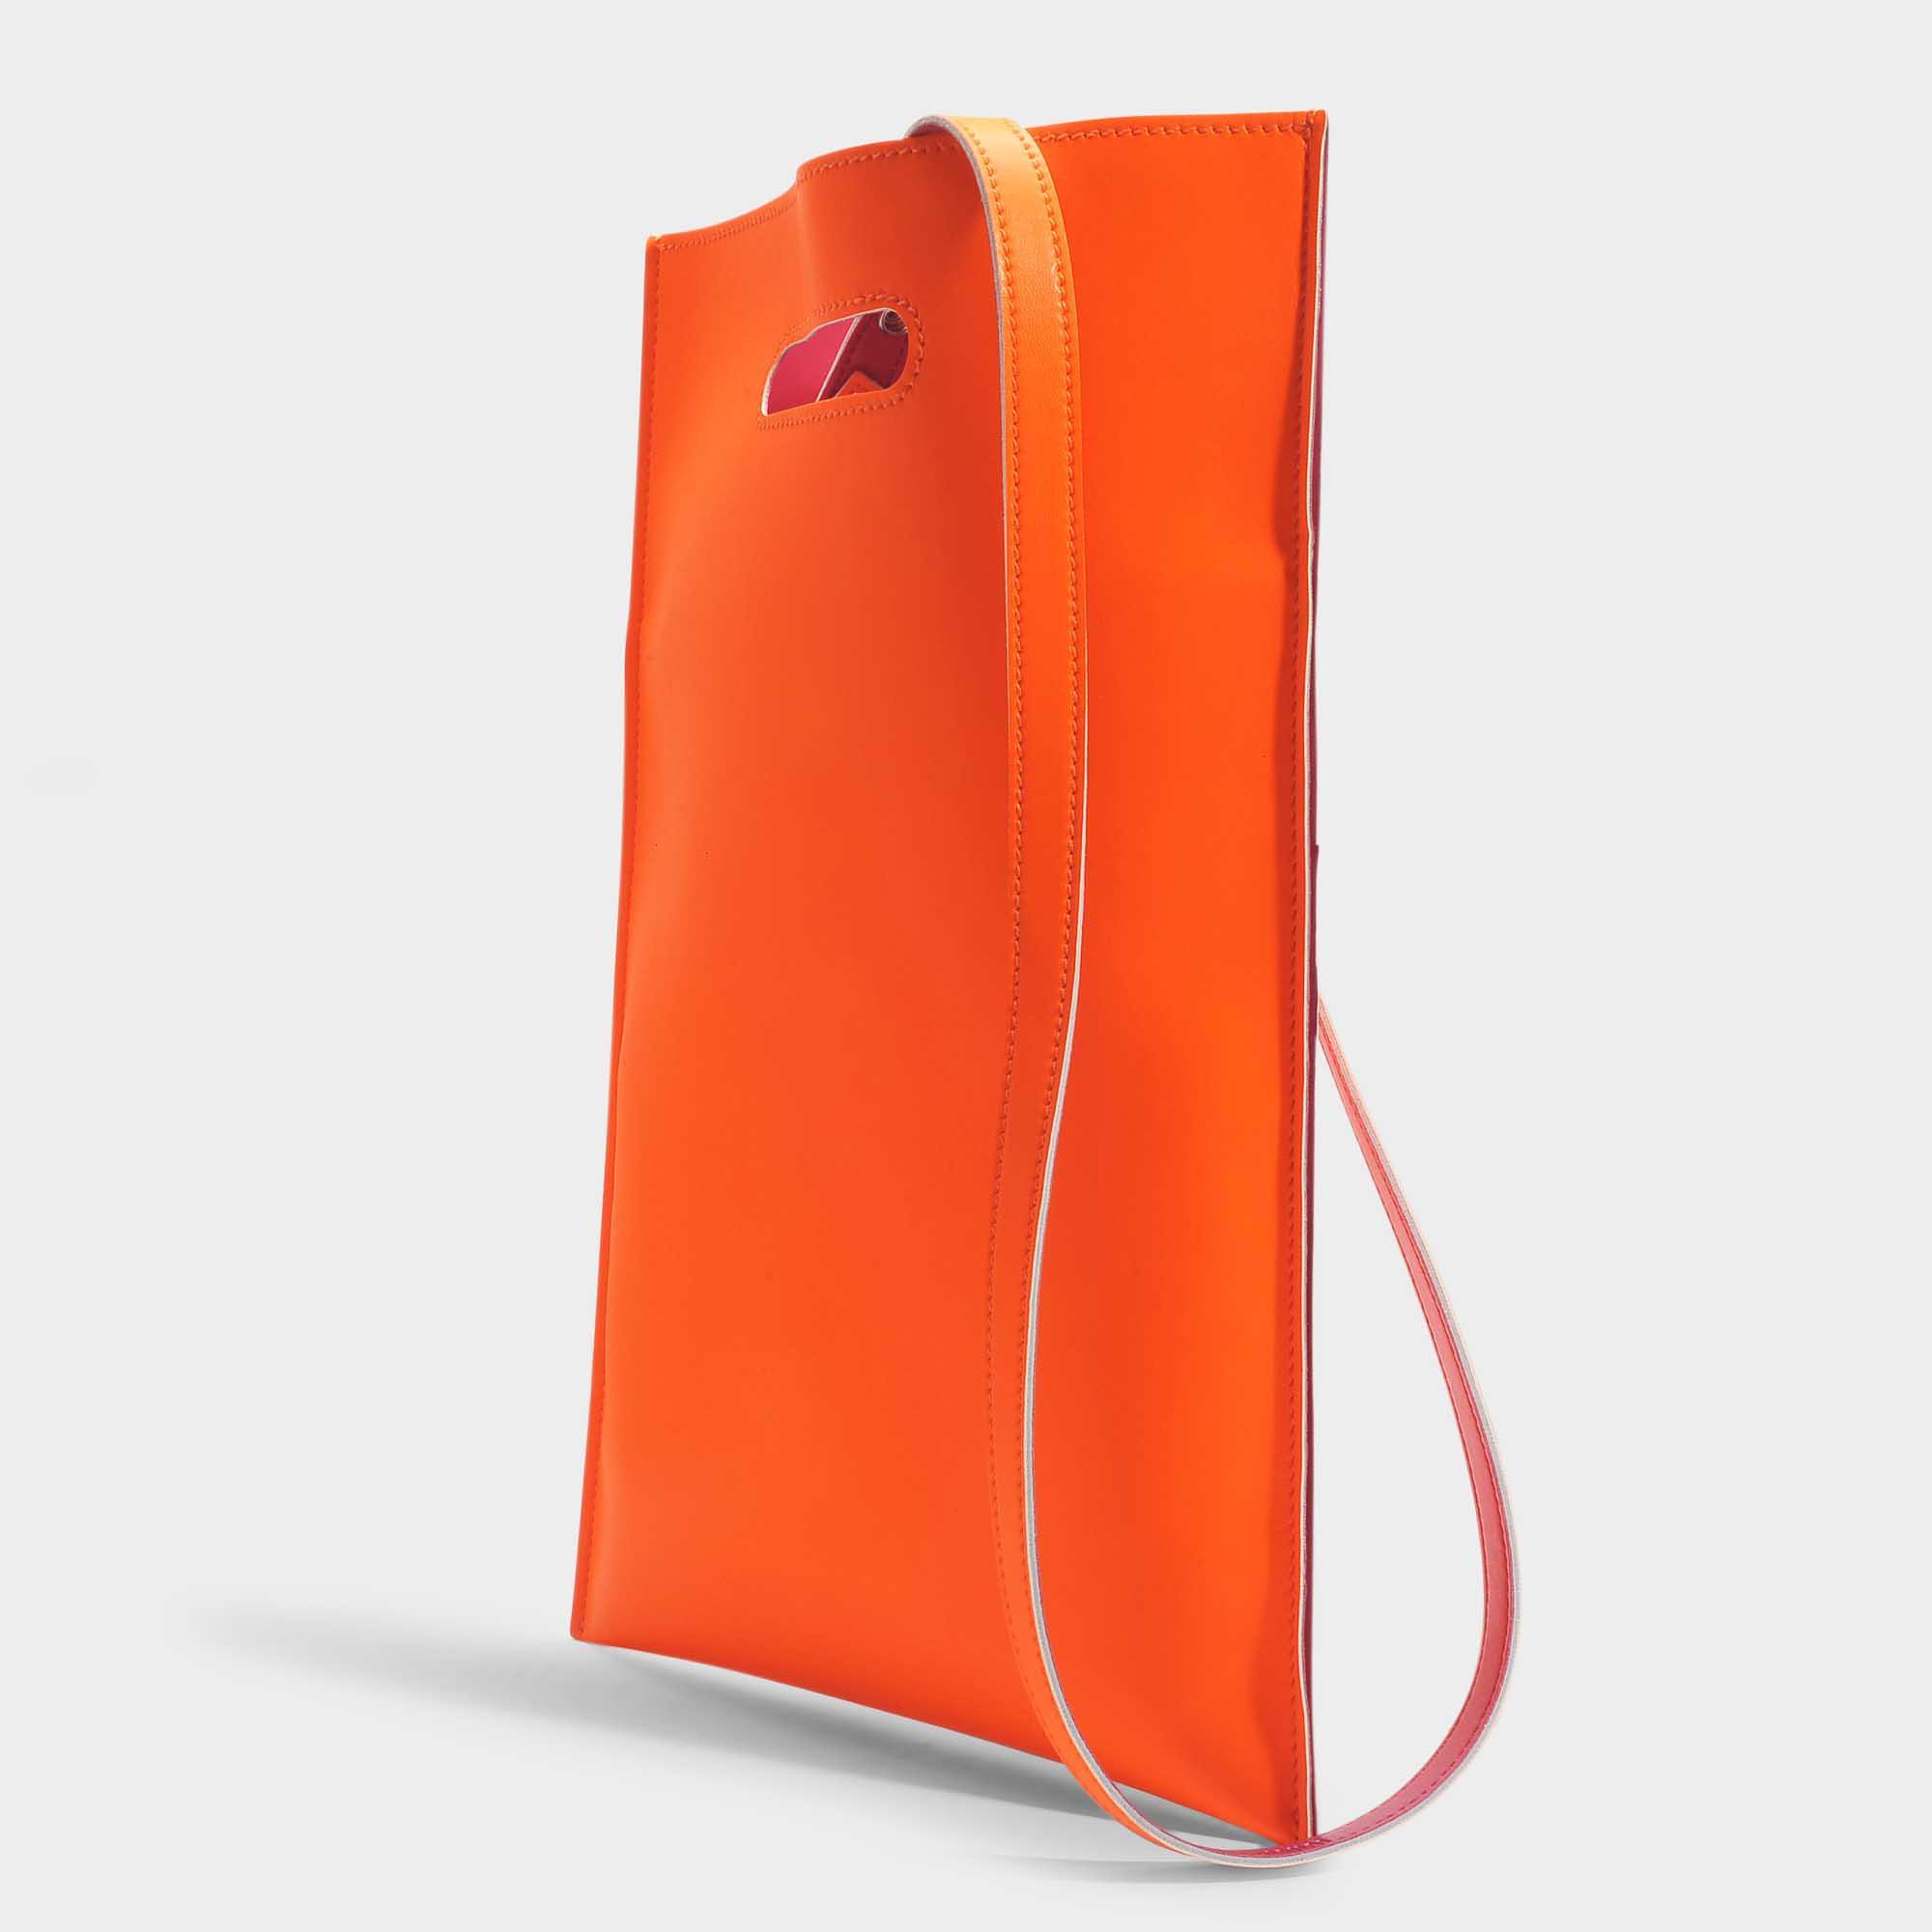 MM6 Maison Margiela Sac Plastic Porté Main en Cuir Synthétique Orange Fluo Eofgzxugo